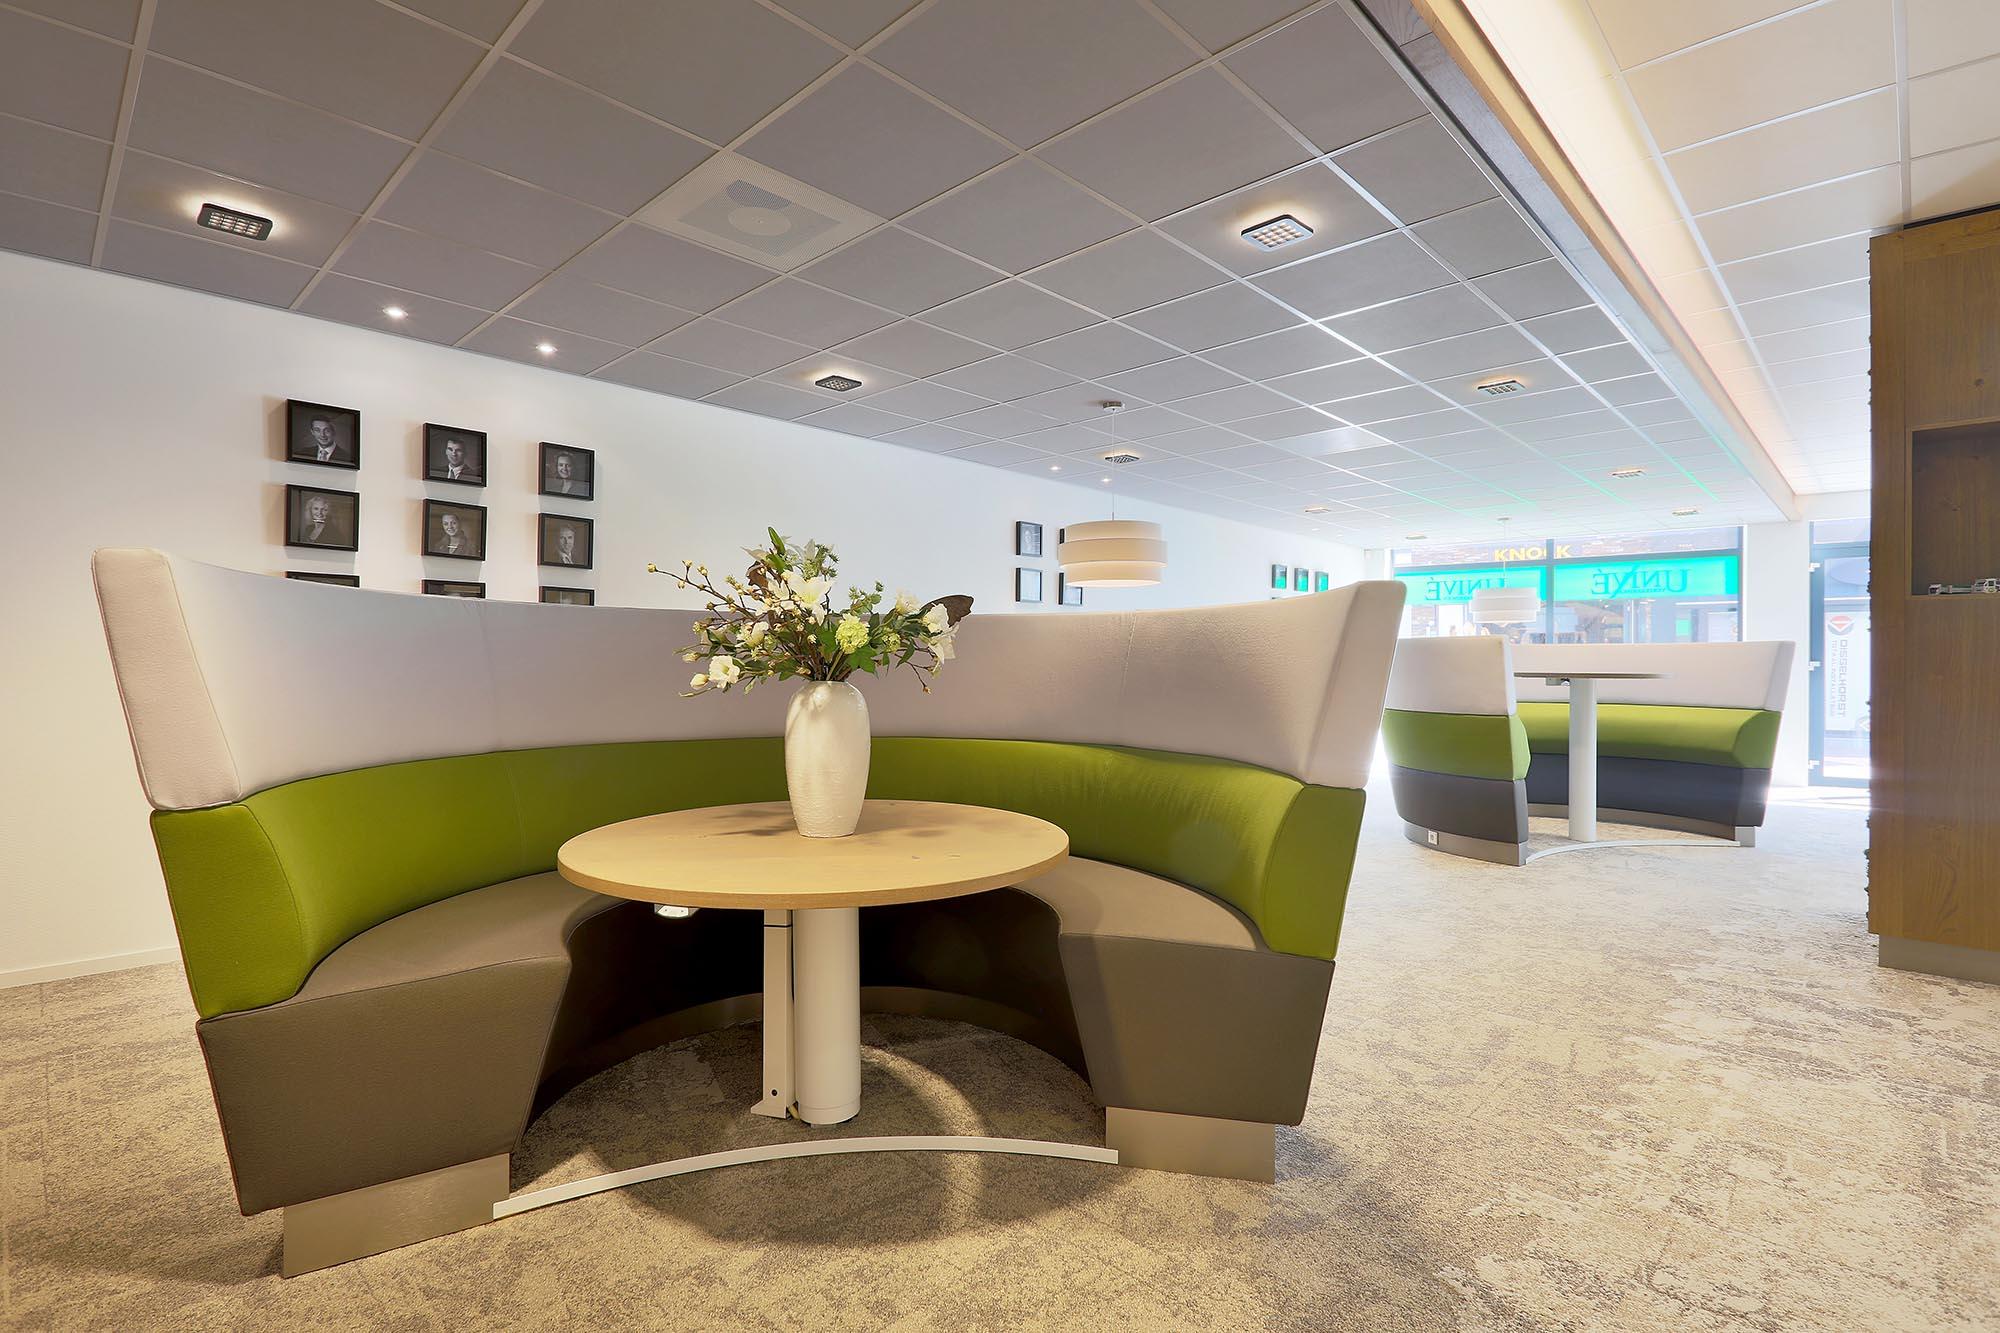 Verbazingwekkend Bank | Intermontage | Maatwerk zitbanken voor op kantoor DK-22